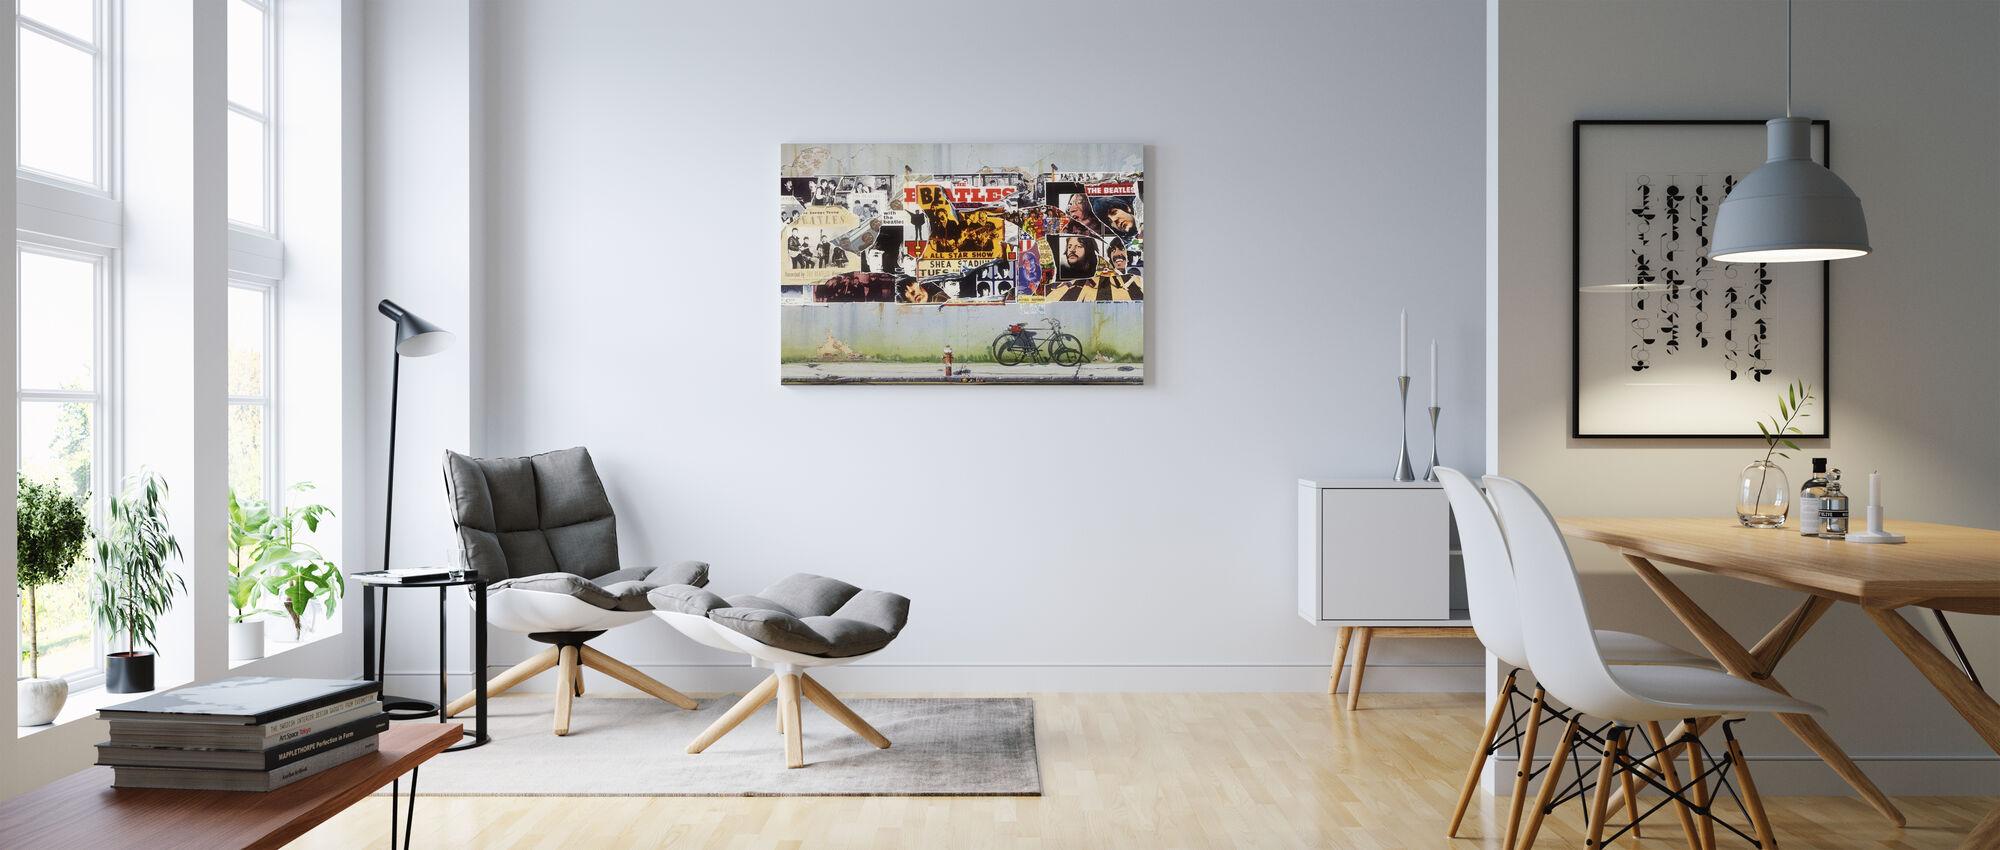 Beatles - Plakater på betonvæg - Billede på lærred - Stue